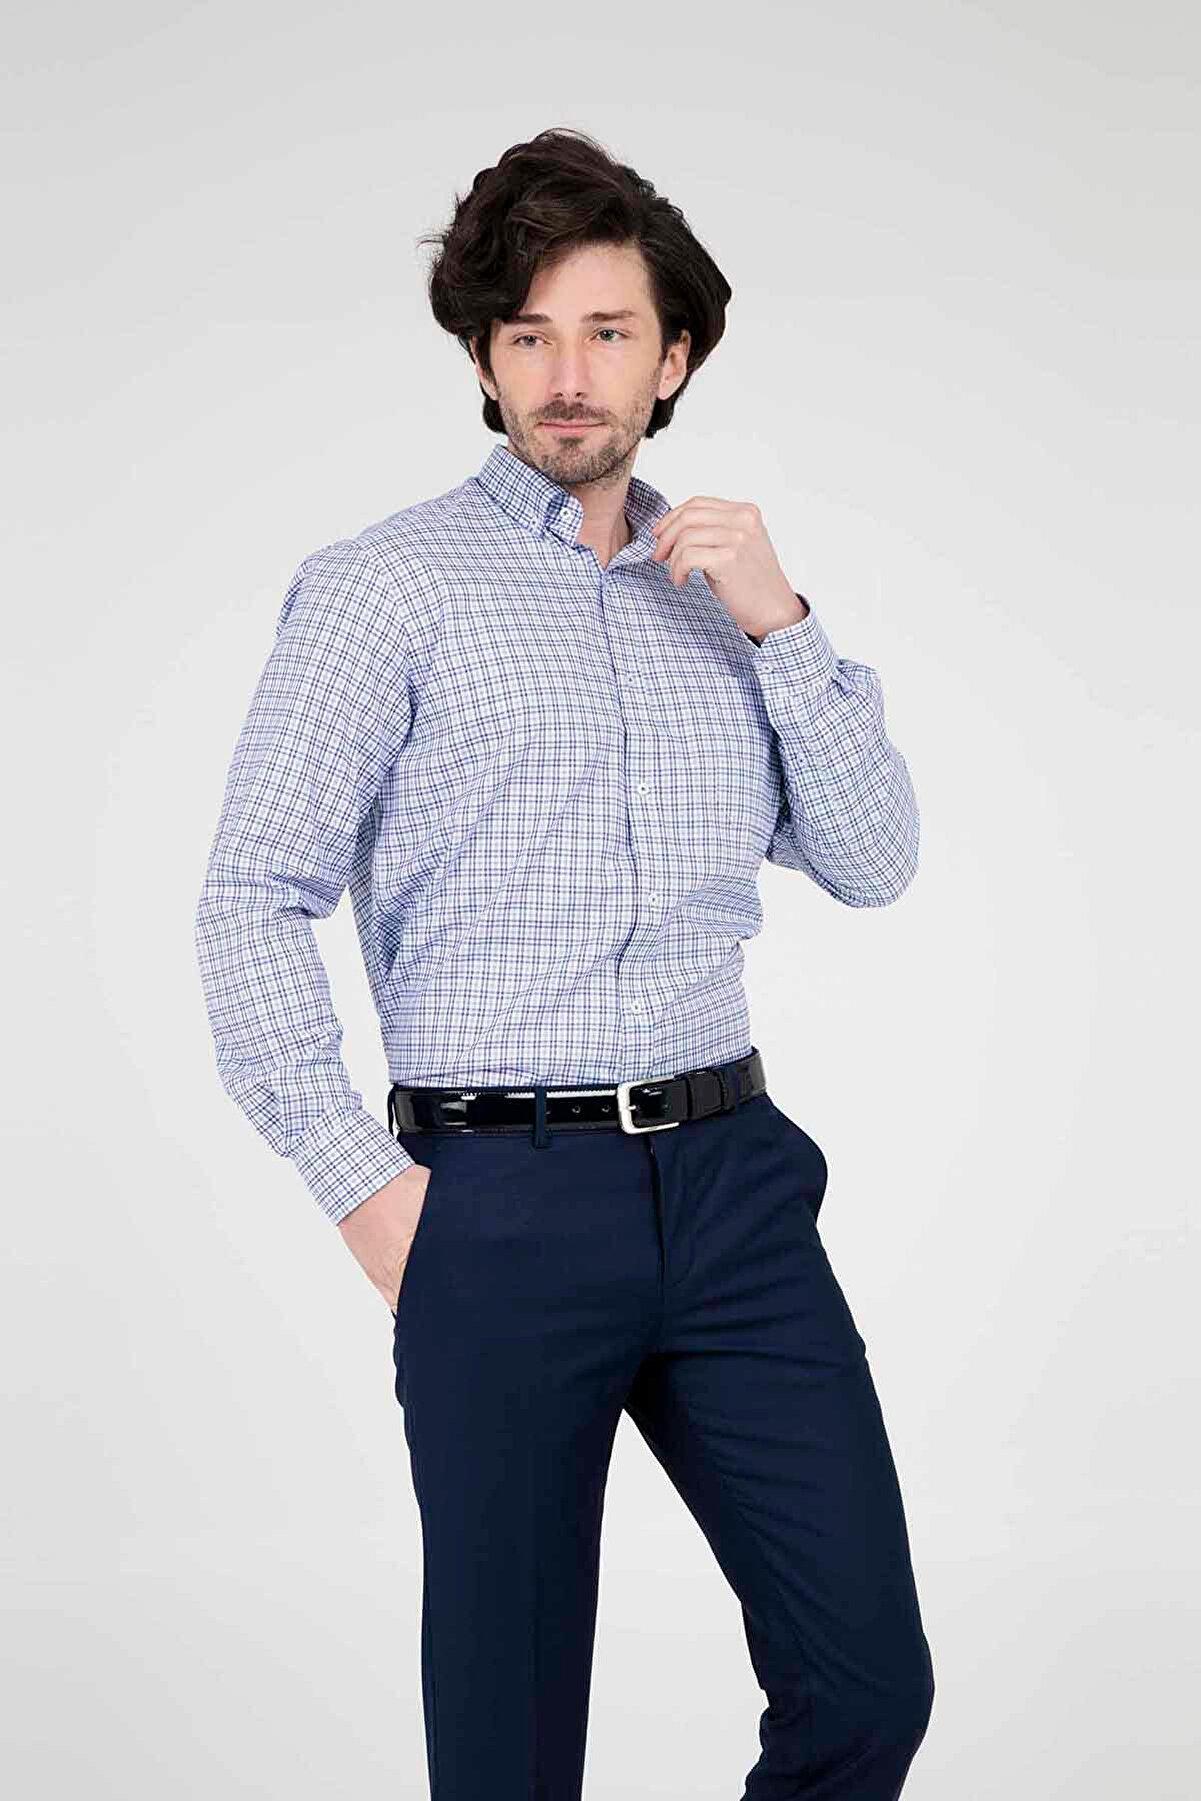 Abbate Erkek Orta-Mavi Uzun Kollu Gömlek - 1Gm91Uk1263R 567